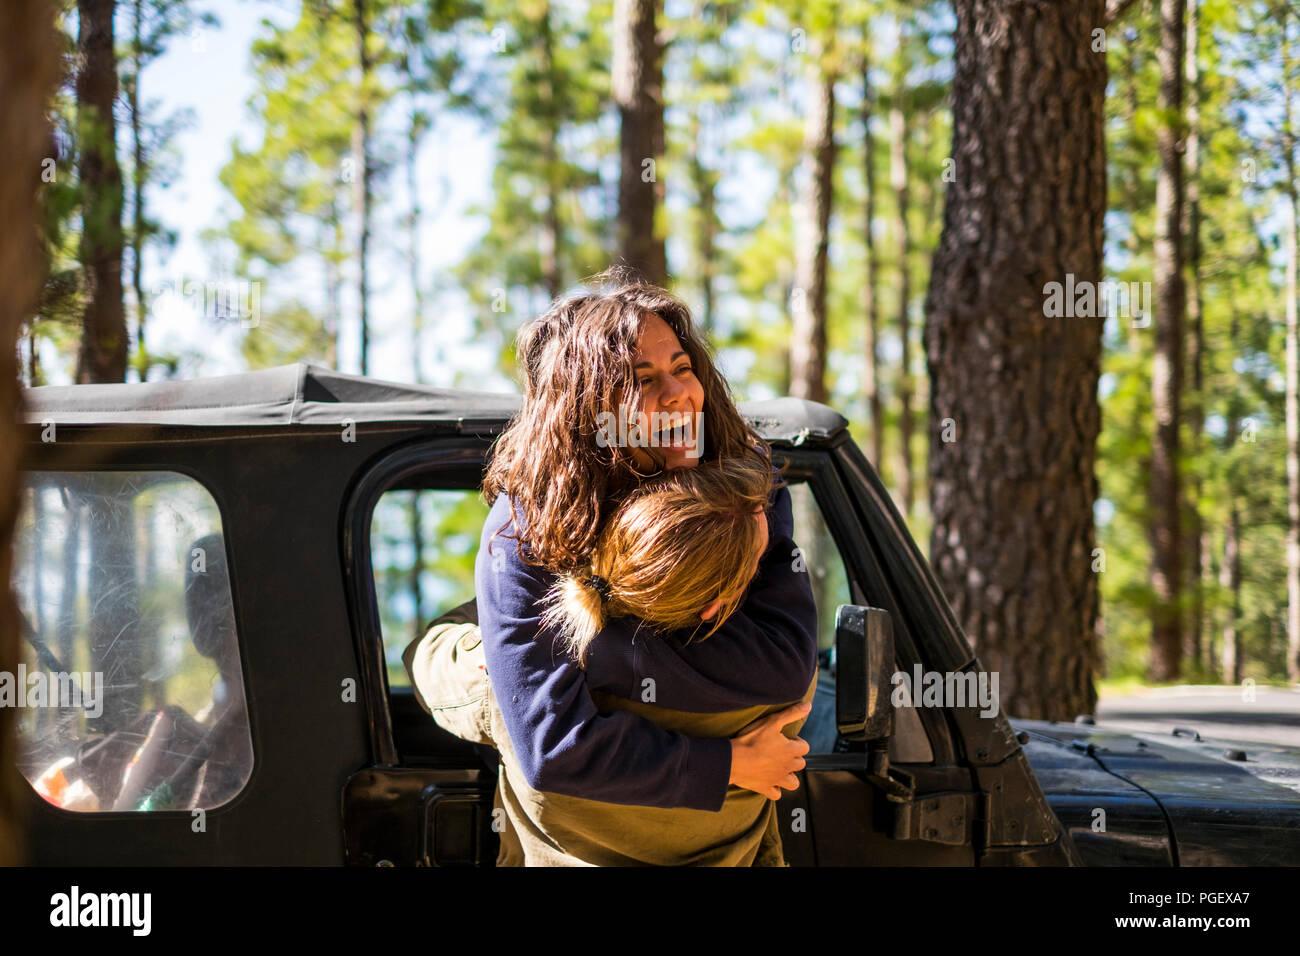 Le bonheur à l'extérieur lors de l'activité de loisirs pour portrait jeune couple dans l'amour et l'amitié. la femme hug l'homme rire beaucoup et profitant de la FRV Photo Stock